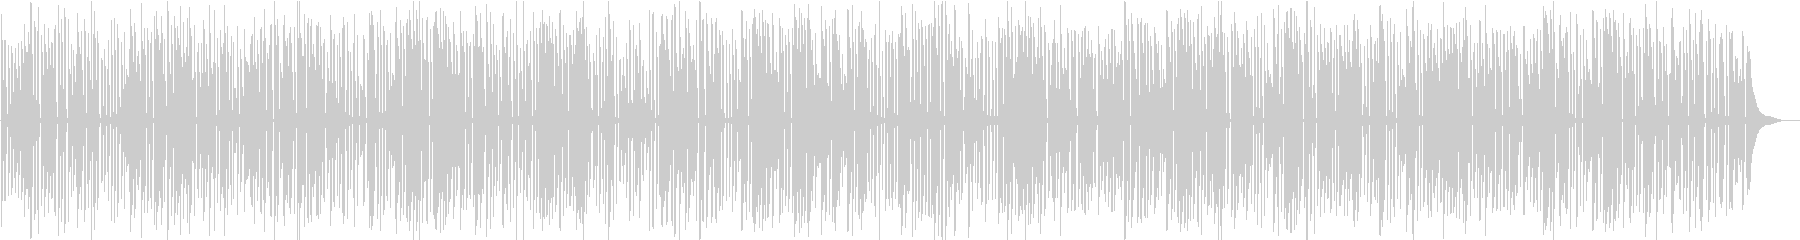 レトロな映像向けわくわくするジャズピアノの未再生の波形